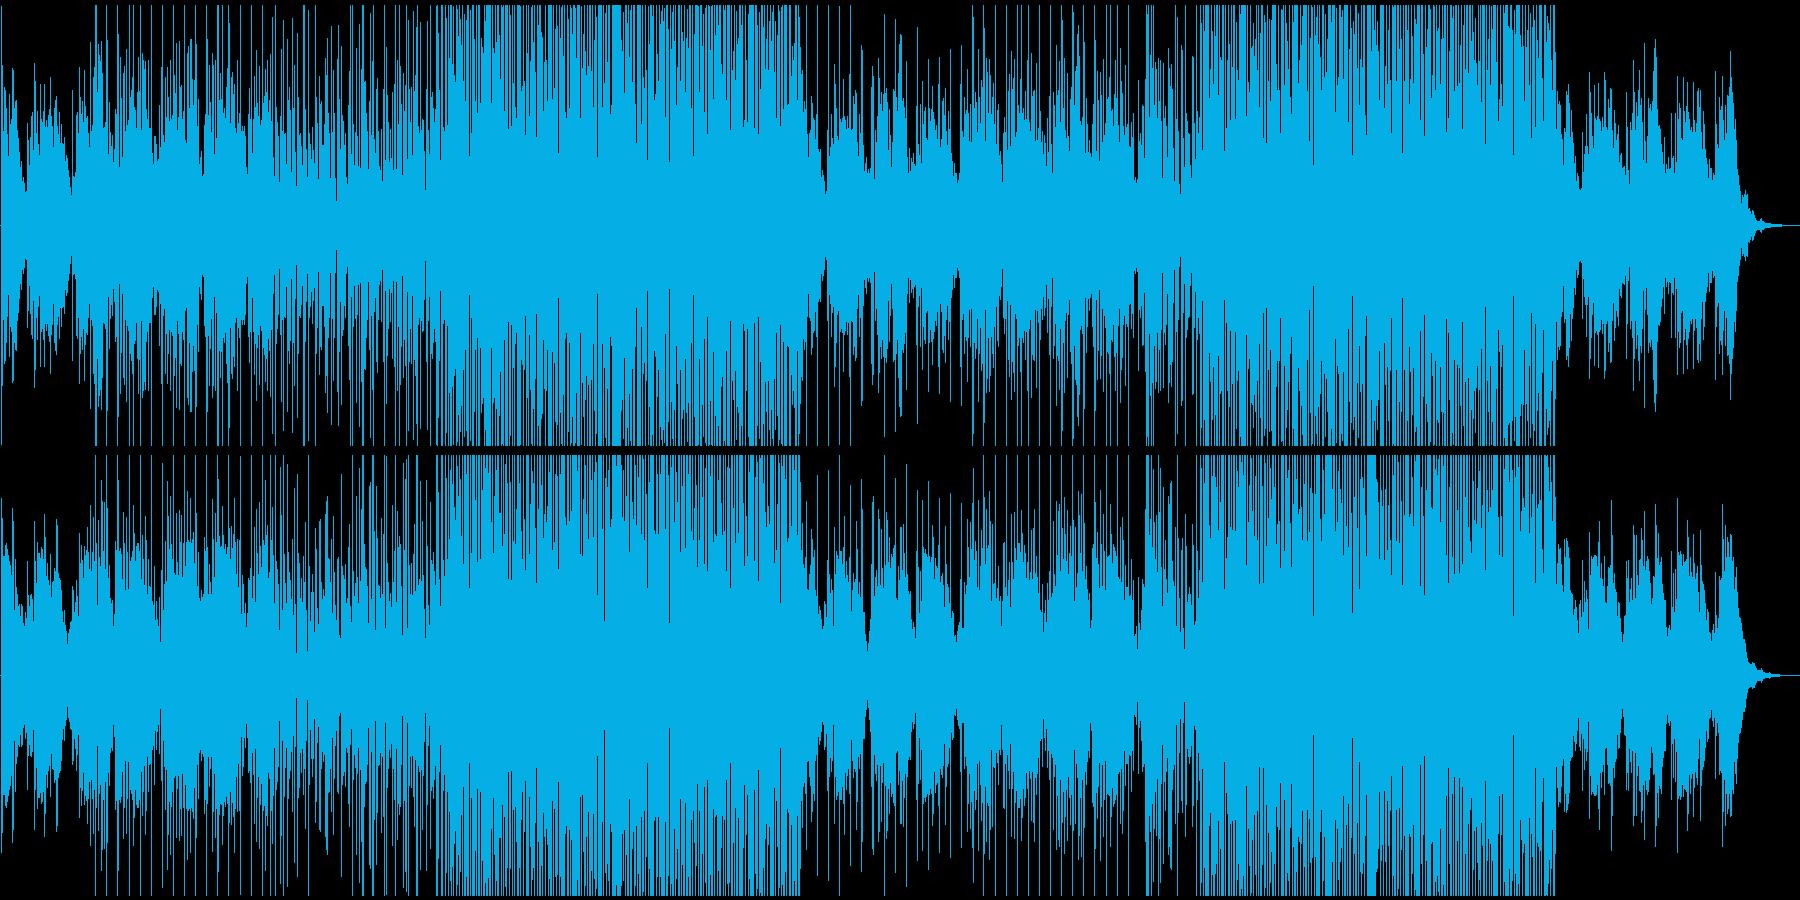 夏っぽい癒しのチルハウス系BGMの再生済みの波形